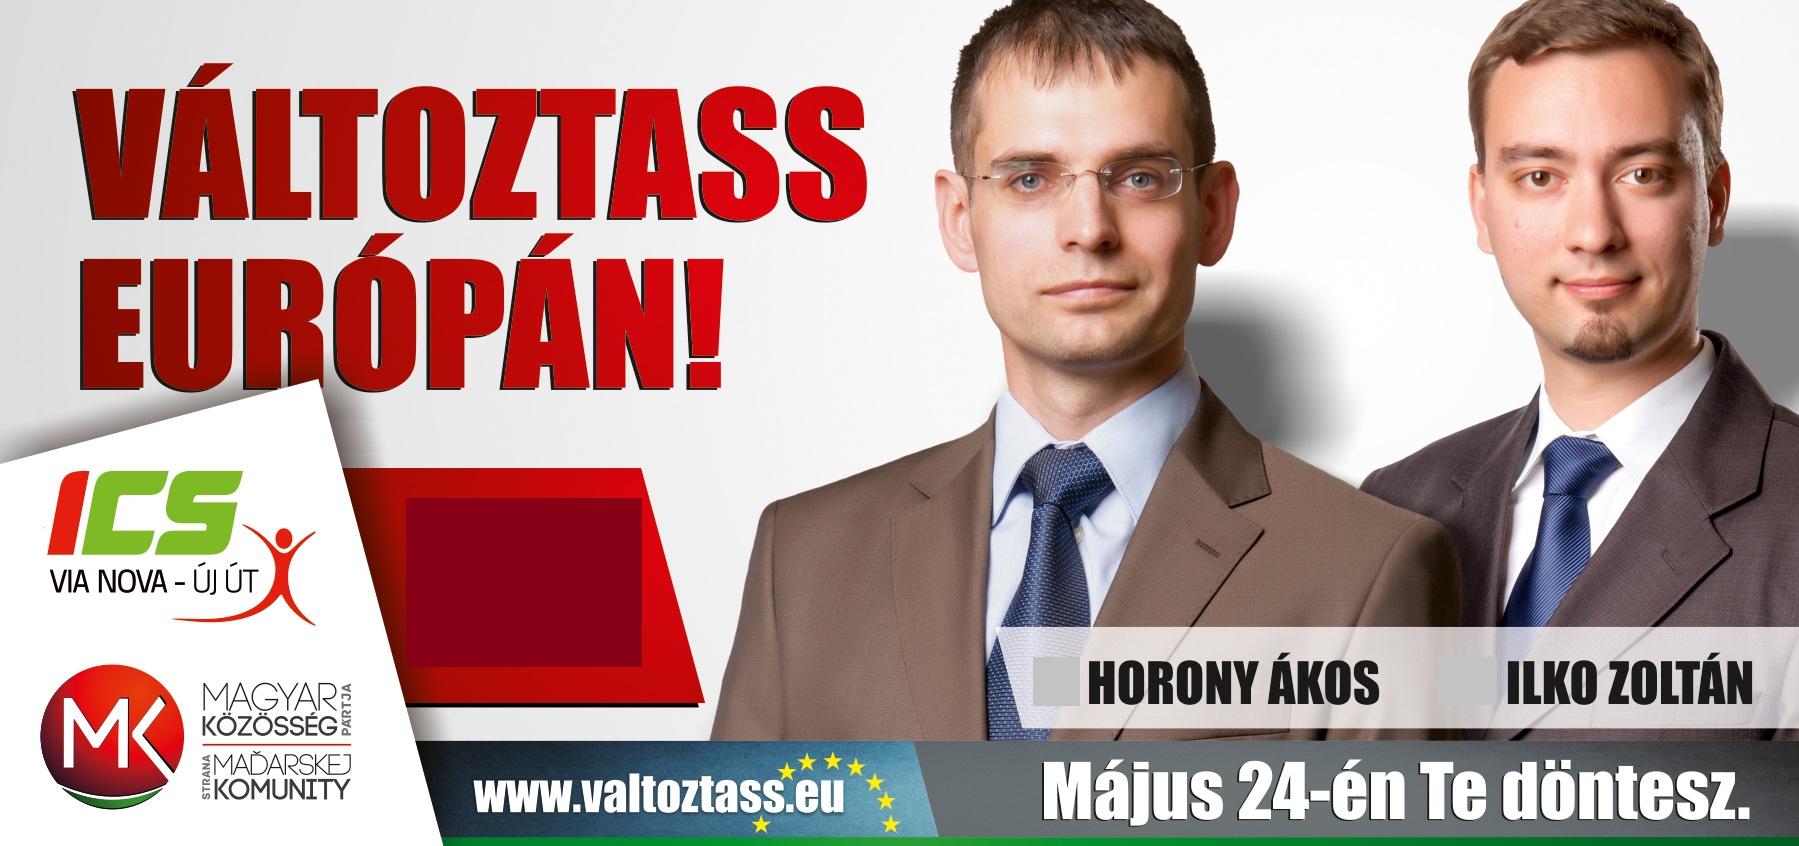 horonyakos_ilkozoltan_ics_mkp.jpg